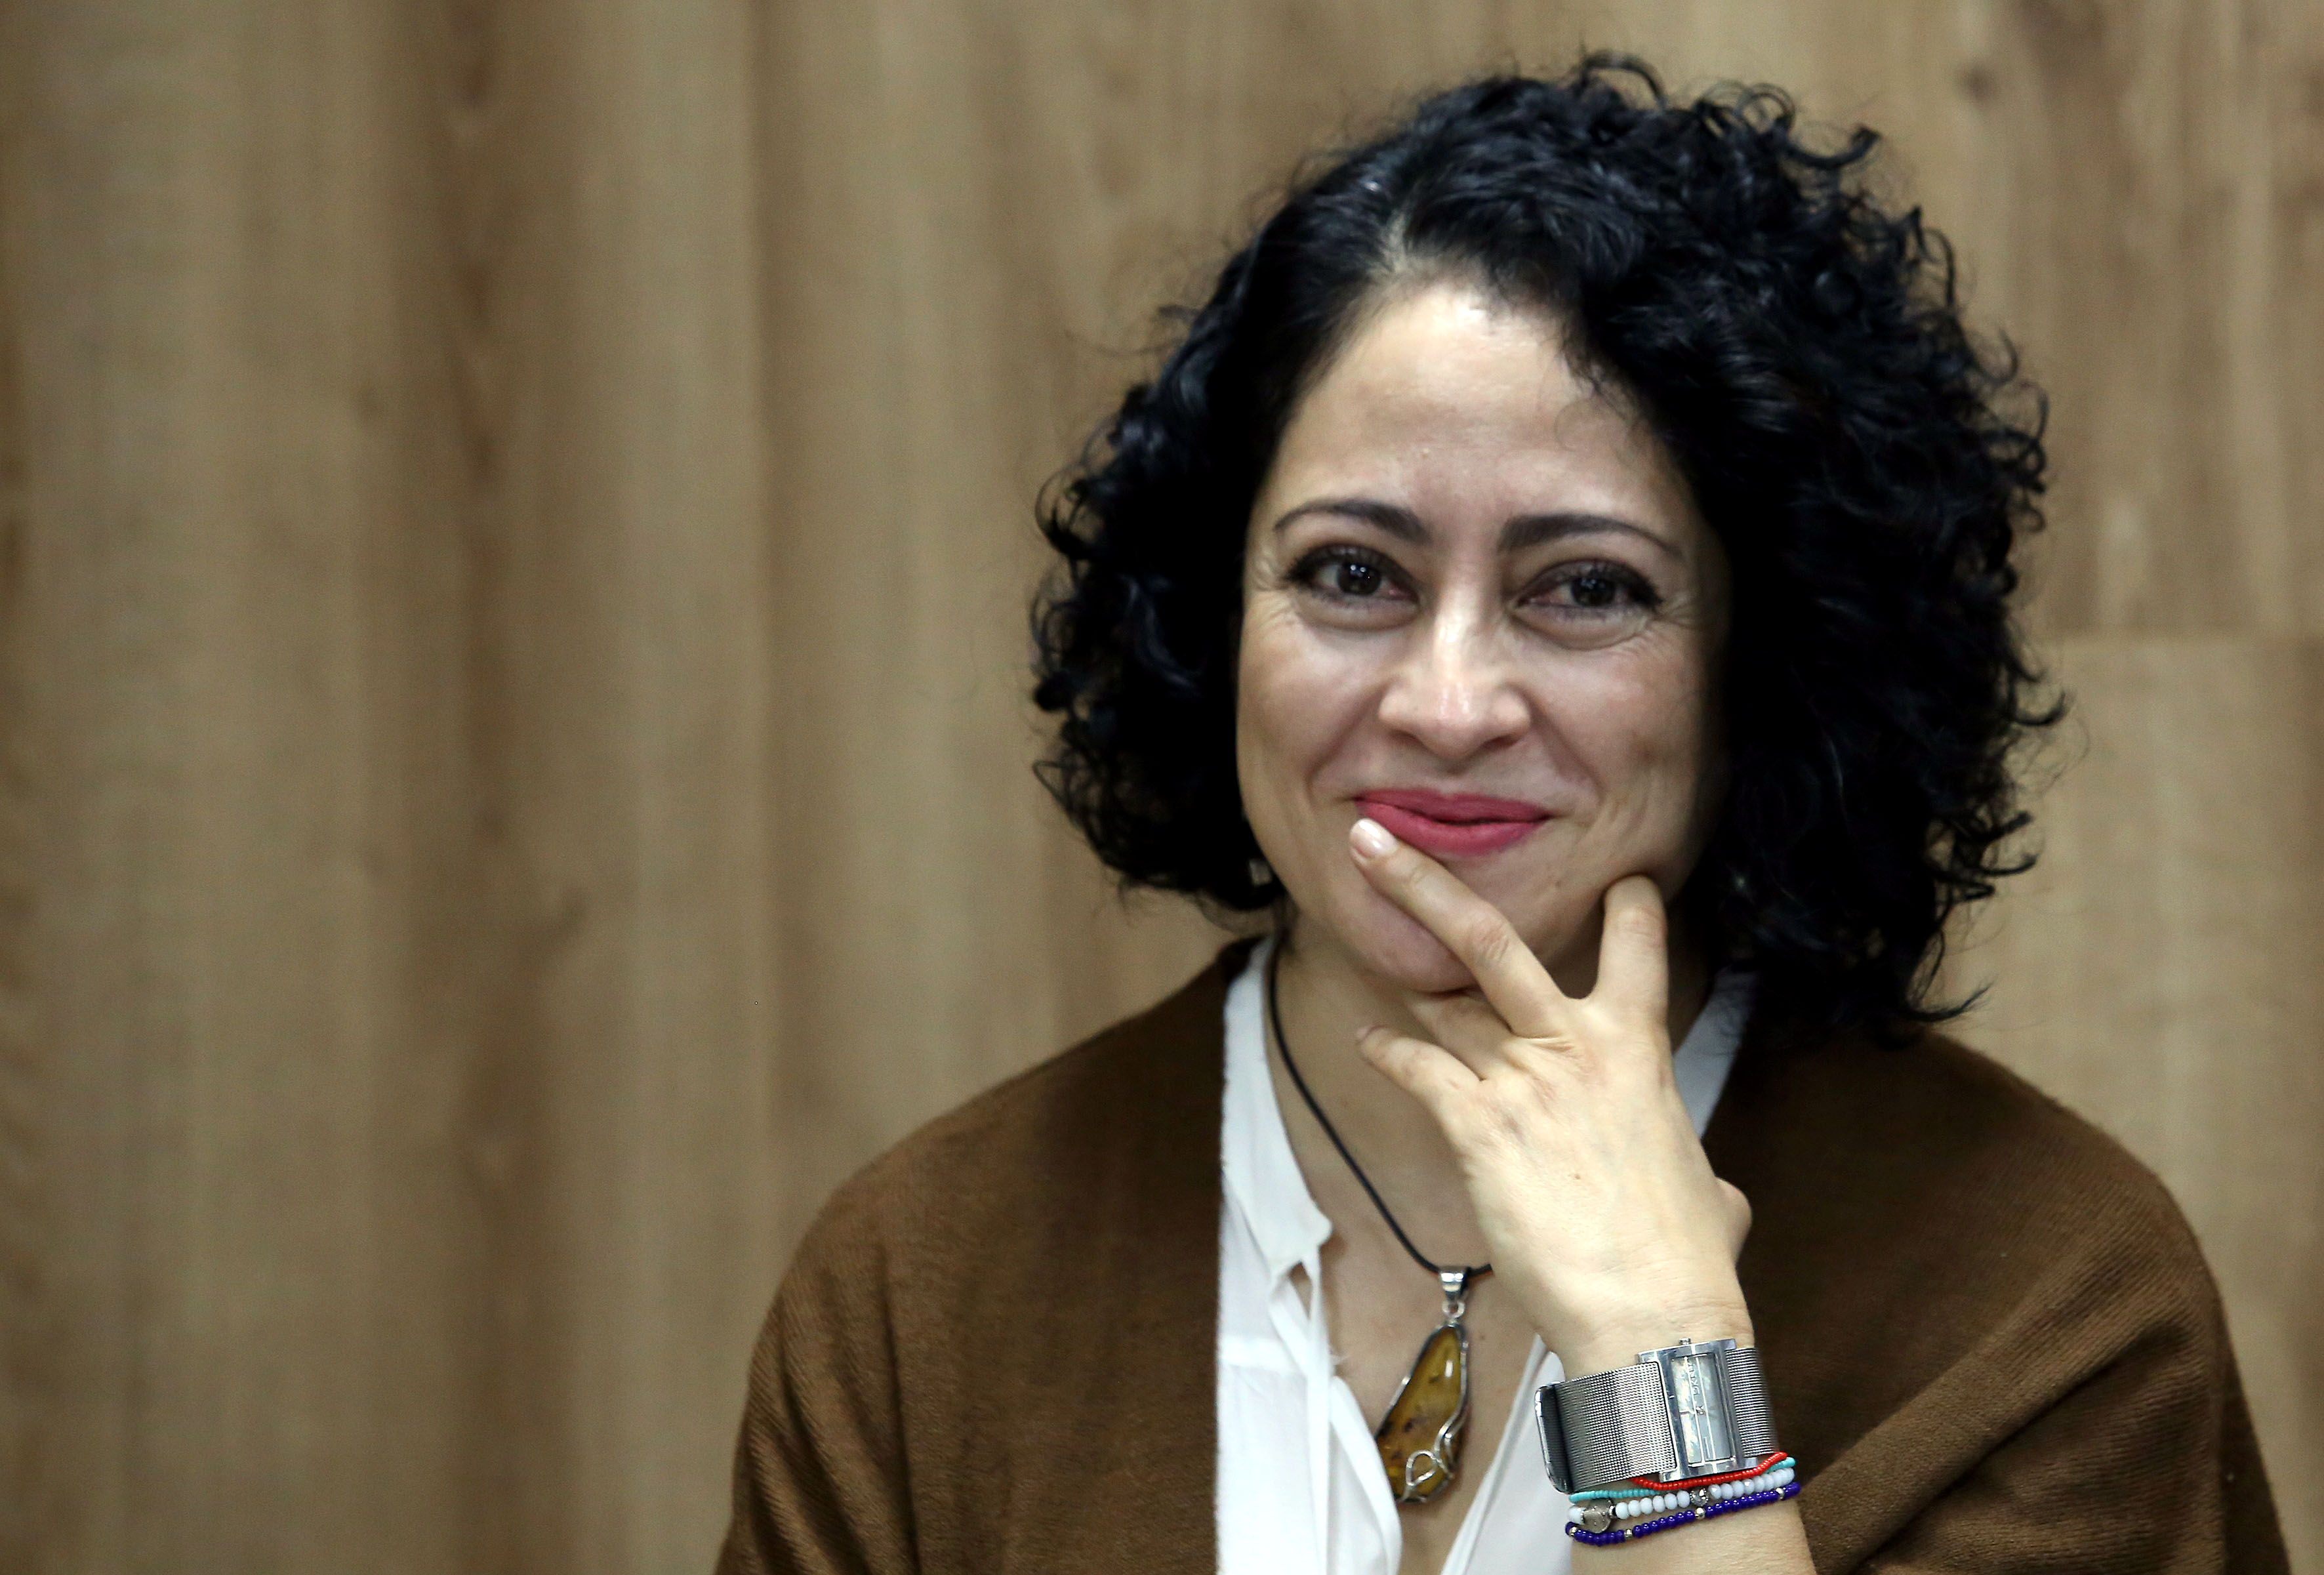 Dra. Julia Preciado Zamora investigadora del CIESAS haciendo uso de la palabra